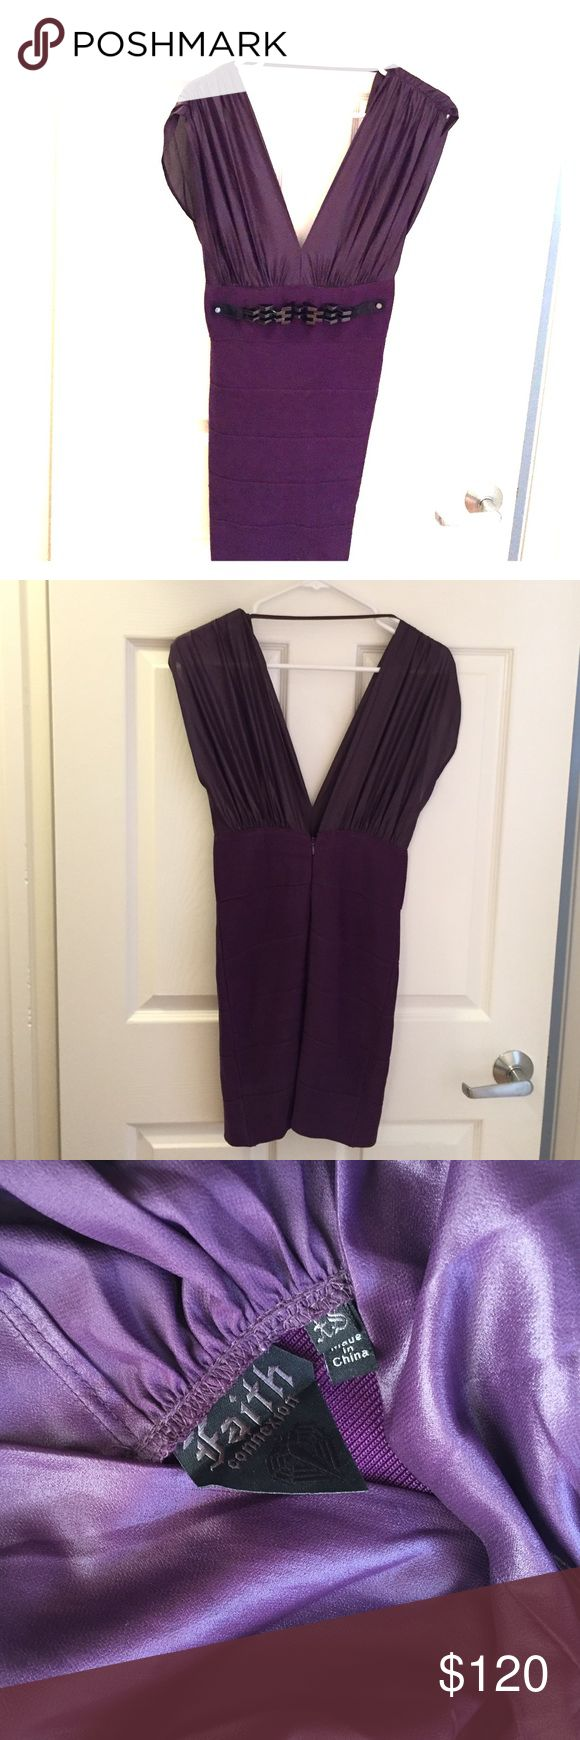 Faith Connexion purple bandage dress in XS Faith Connexion purple bandage dress in XS Faith Connexion Dresses